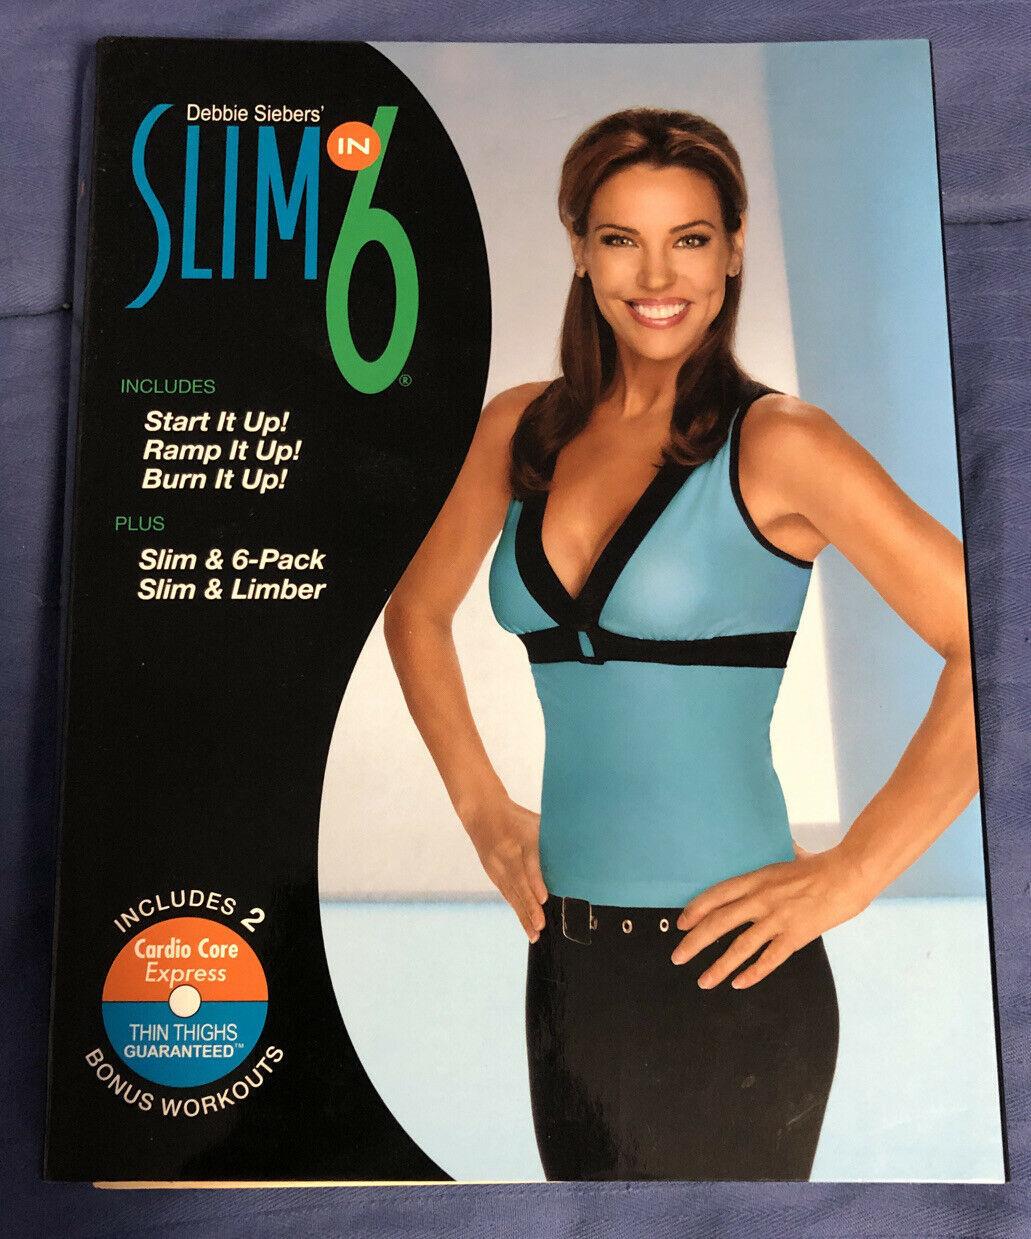 Debbie Siebers Slim in 6 Slim Training Workout - 3 DVD - 2010 Beachbody® - $8.90